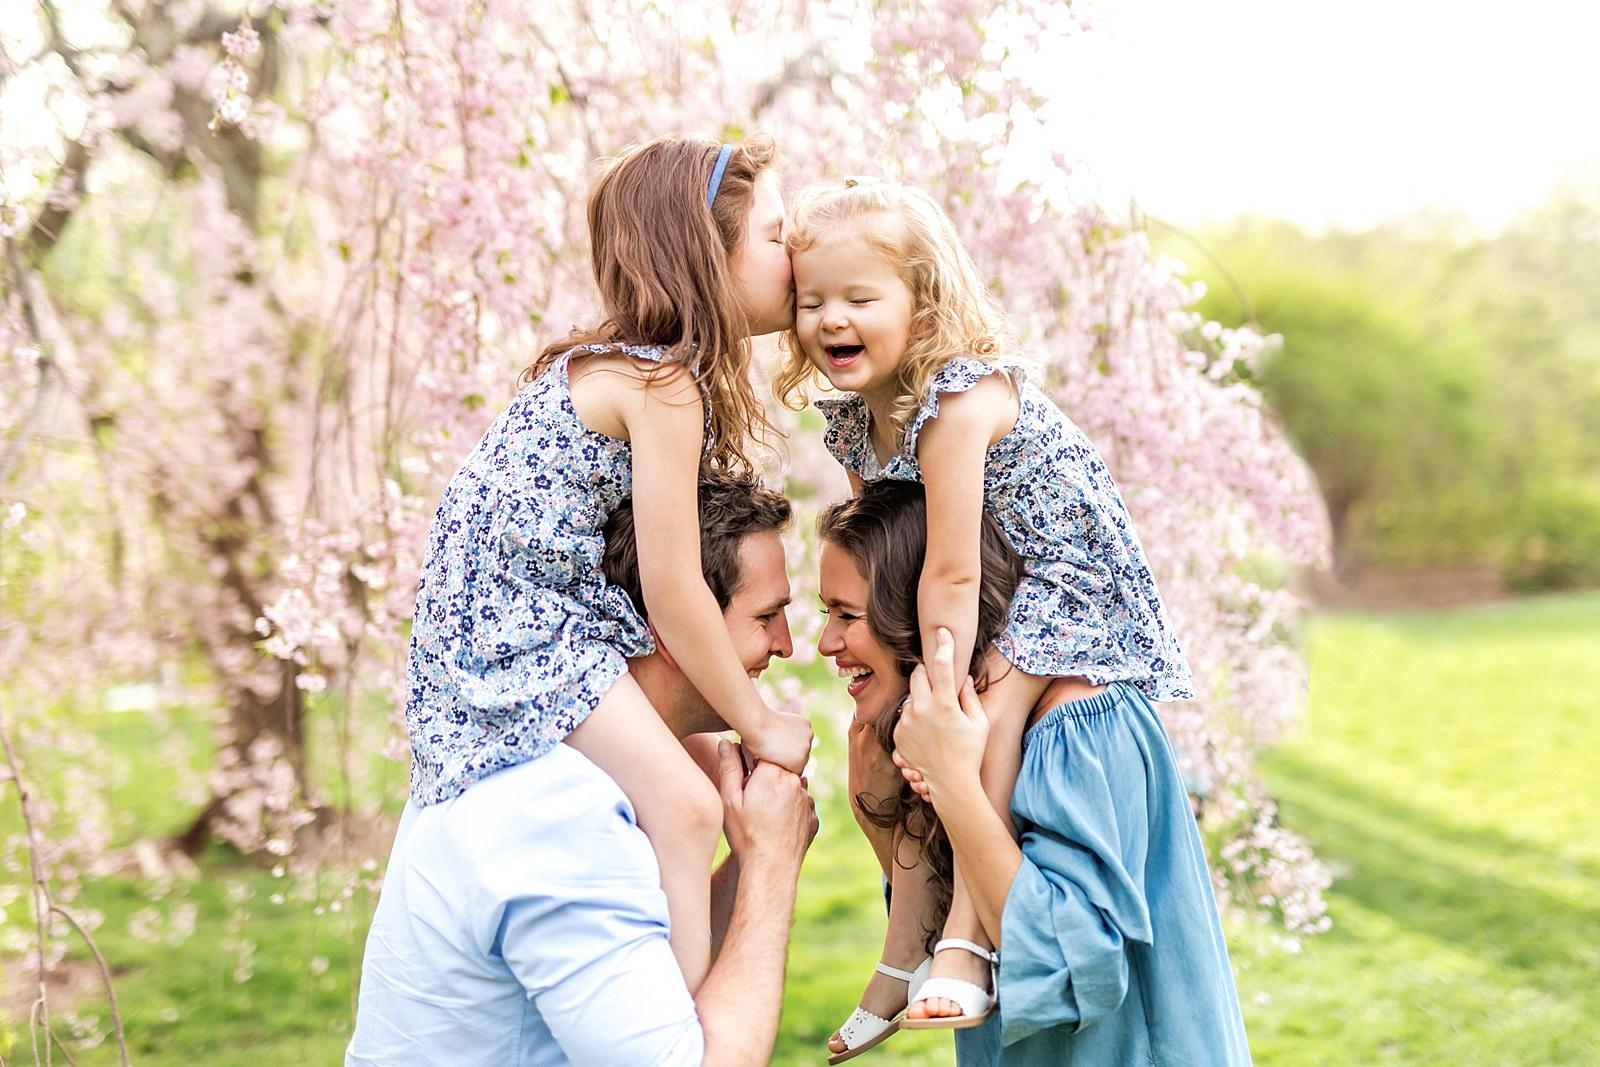 Arnold Arboretum family photos